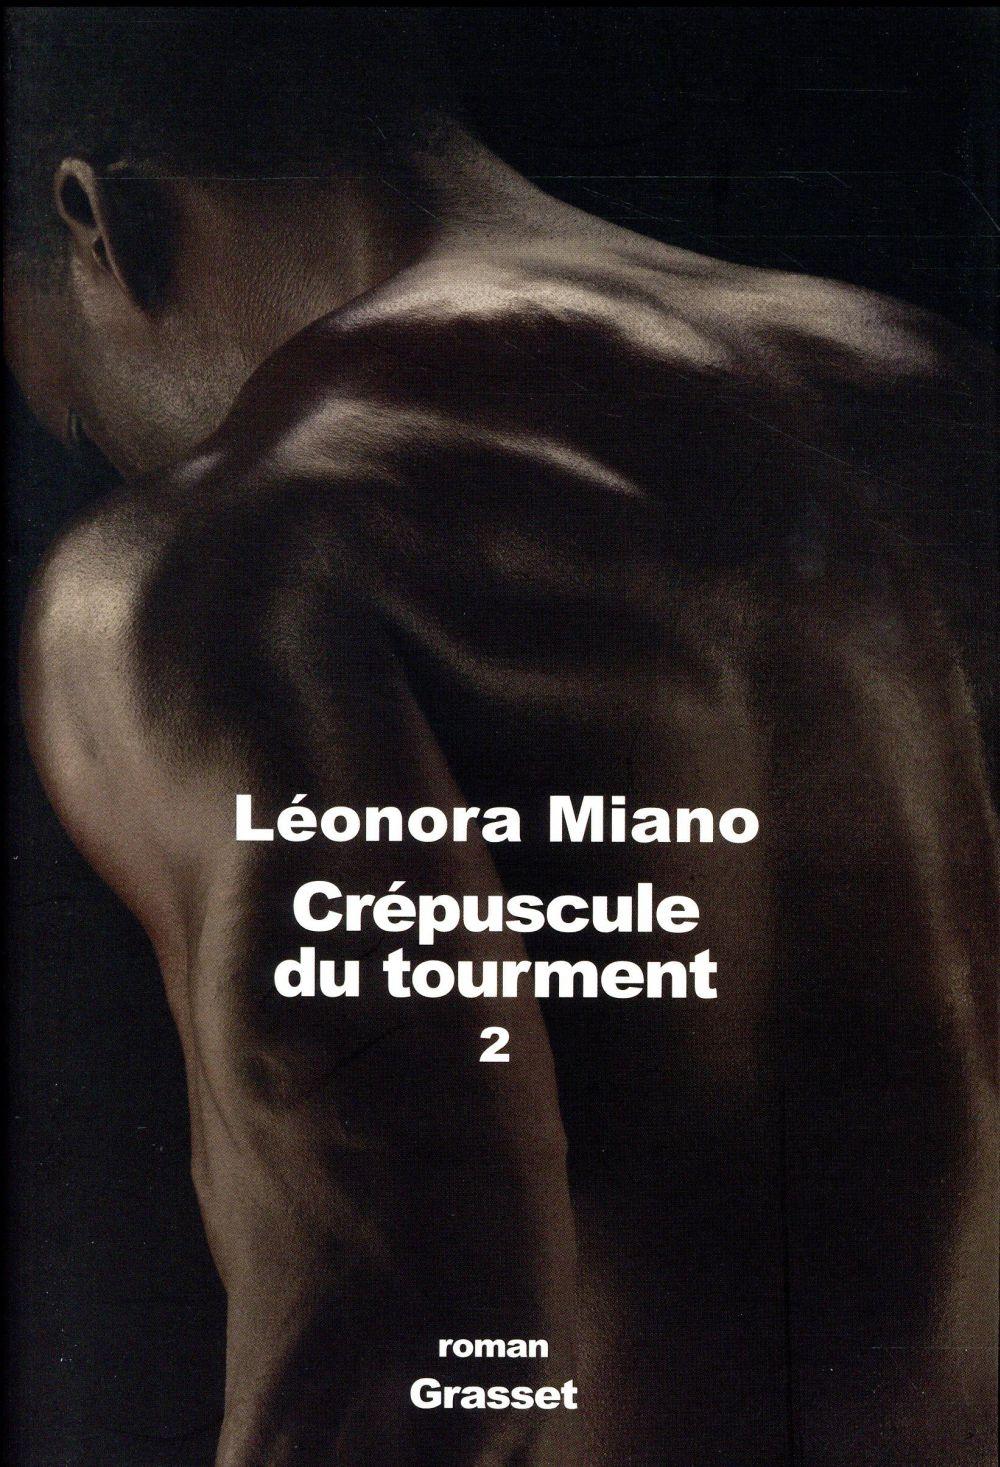 CREPUSCULE DU TOURMENT 2